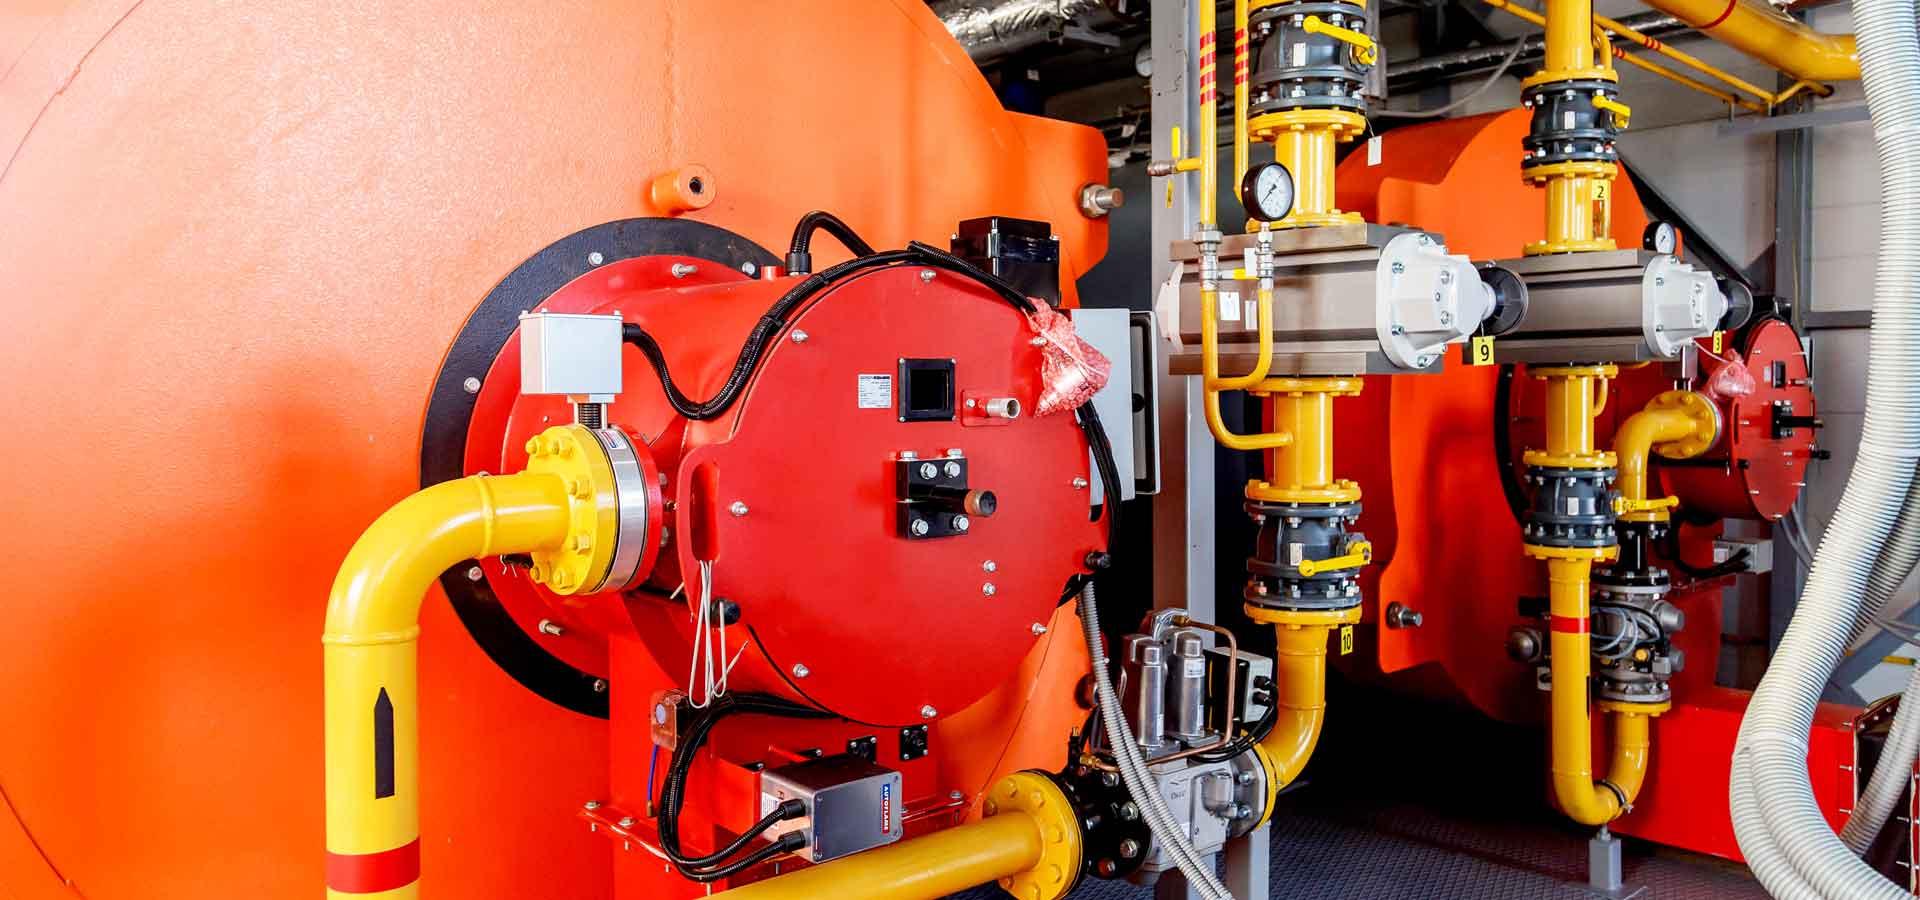 Boilers & Controls